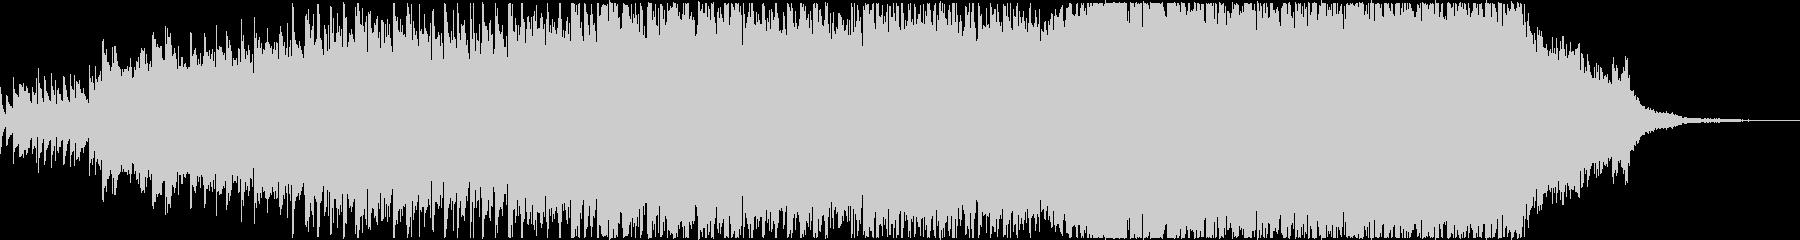 ストリングスやピアノを使用した感動的な曲の未再生の波形